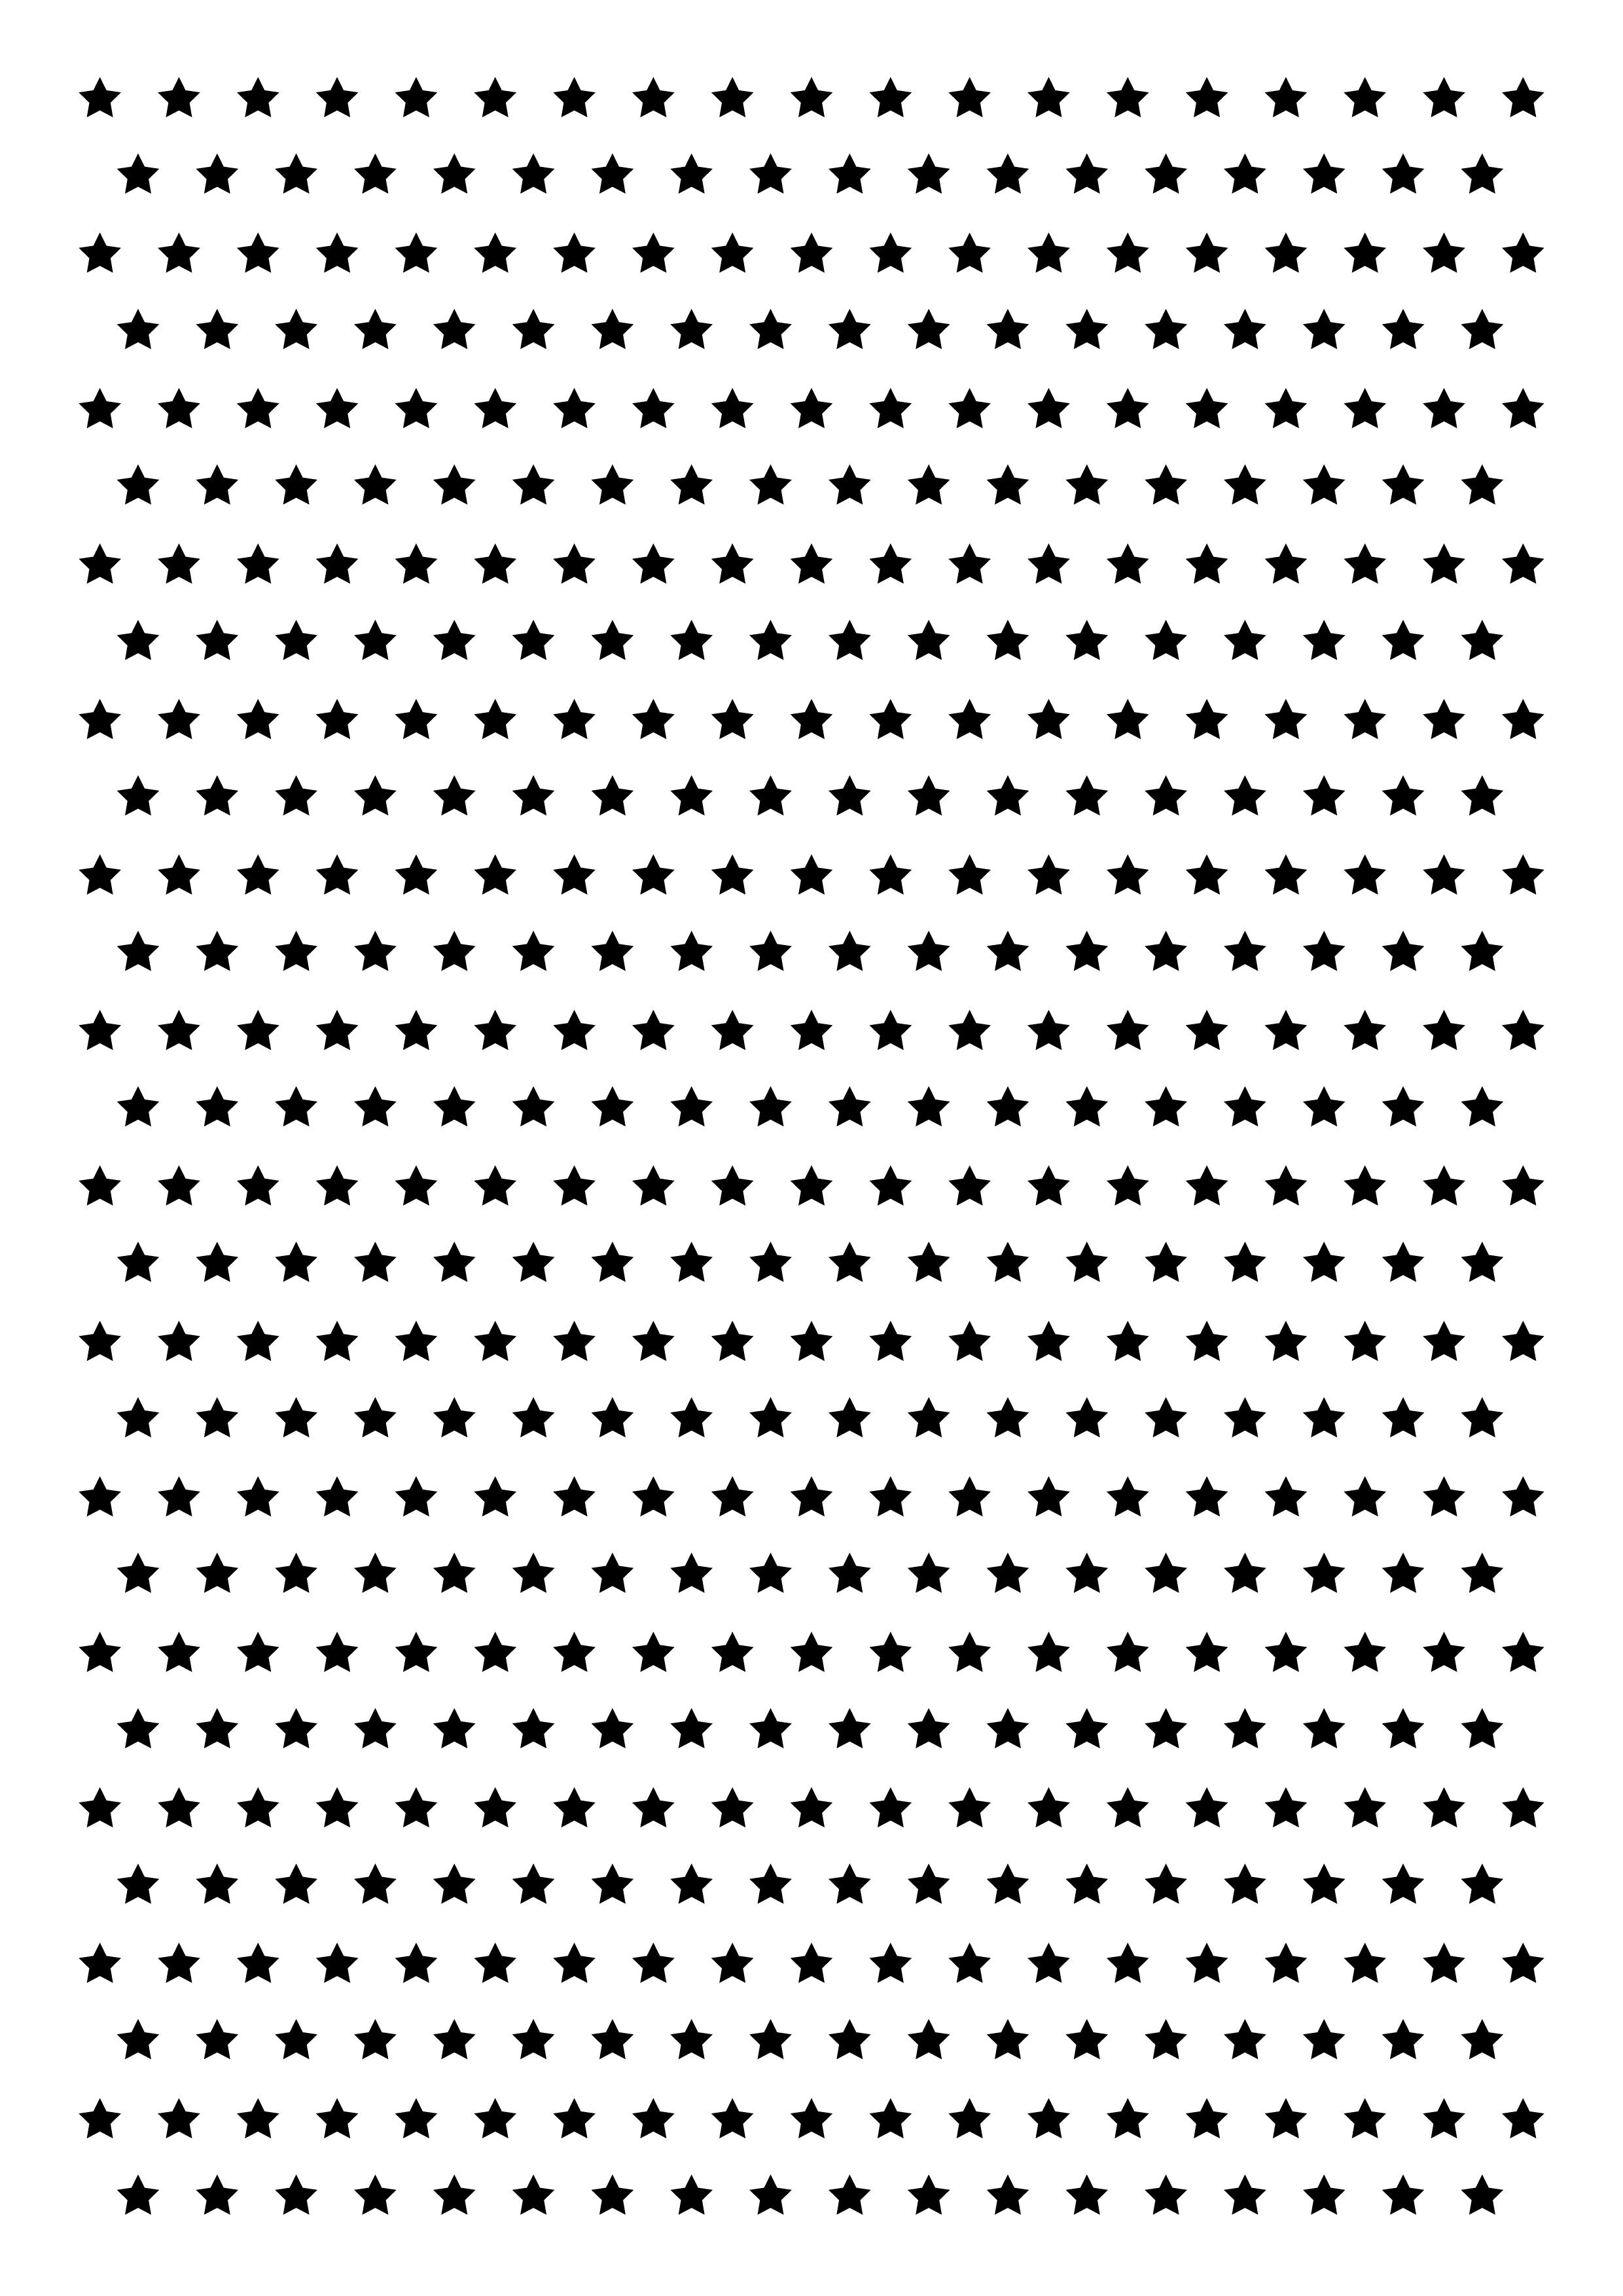 Freebie – Page 11